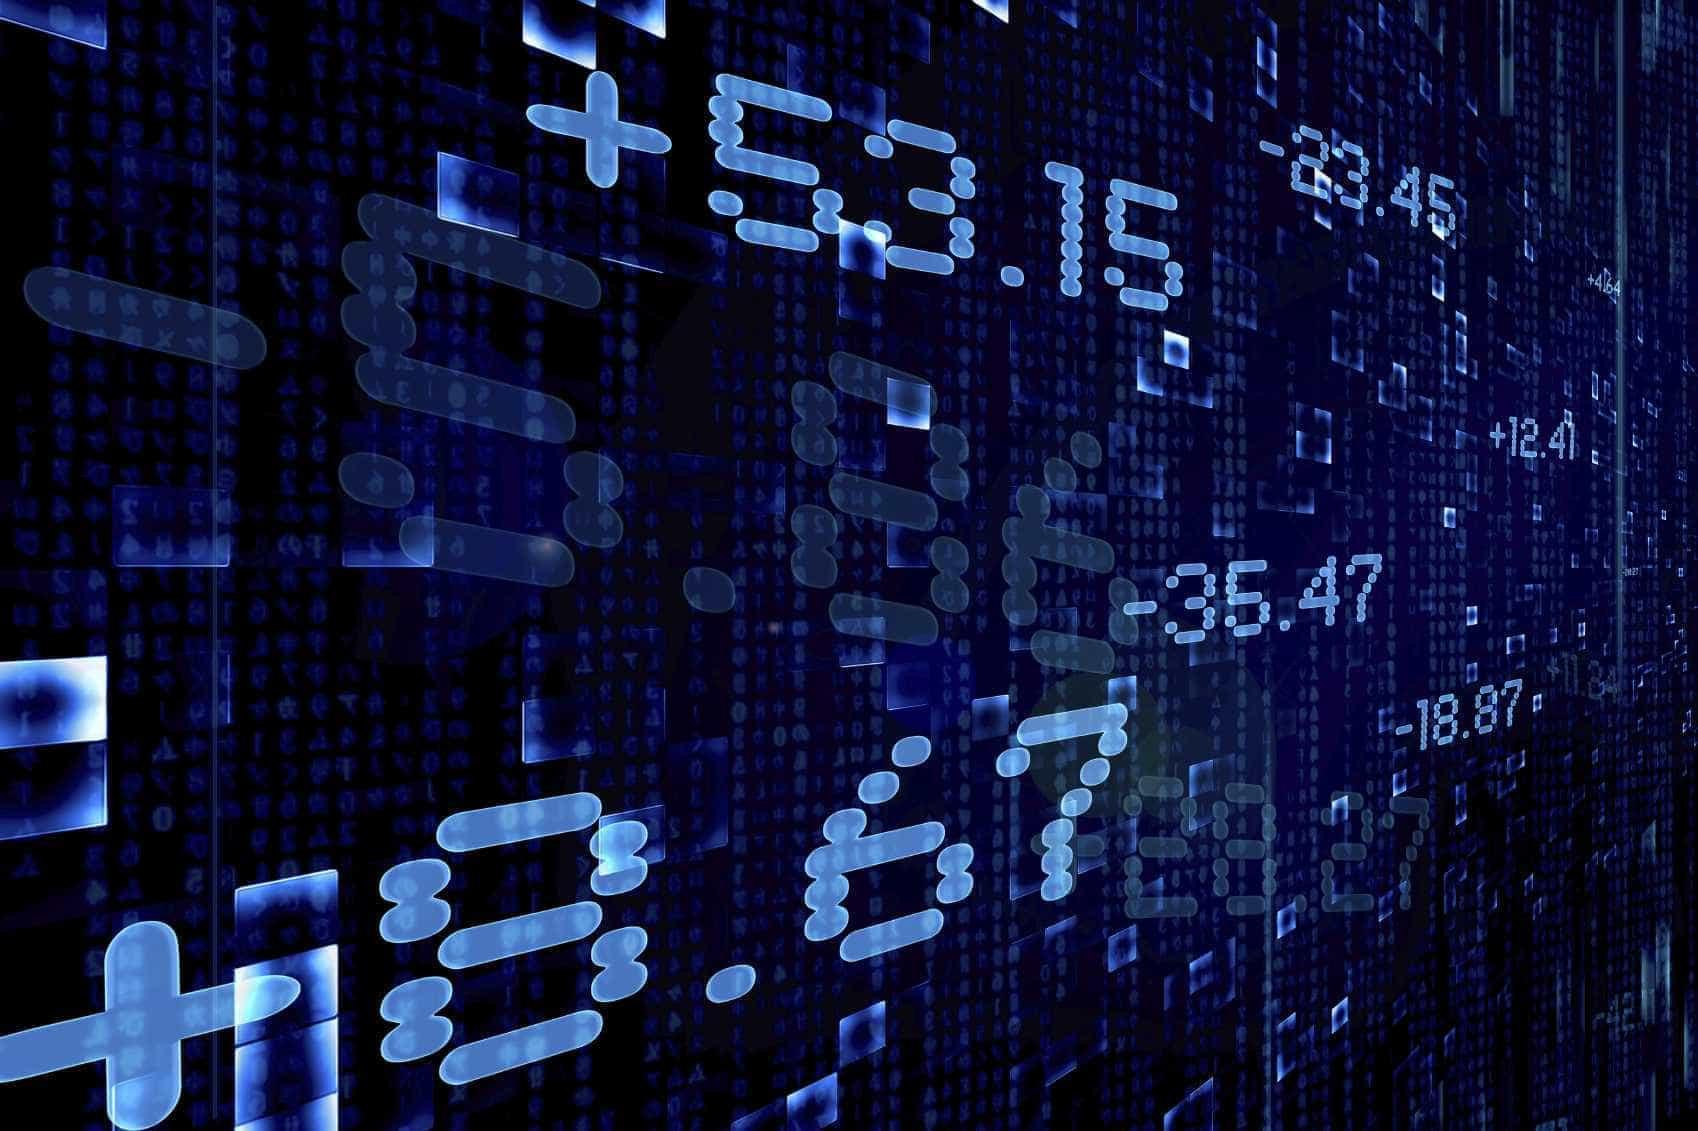 Bolsa de Tóquio fecha a perder 1,55%